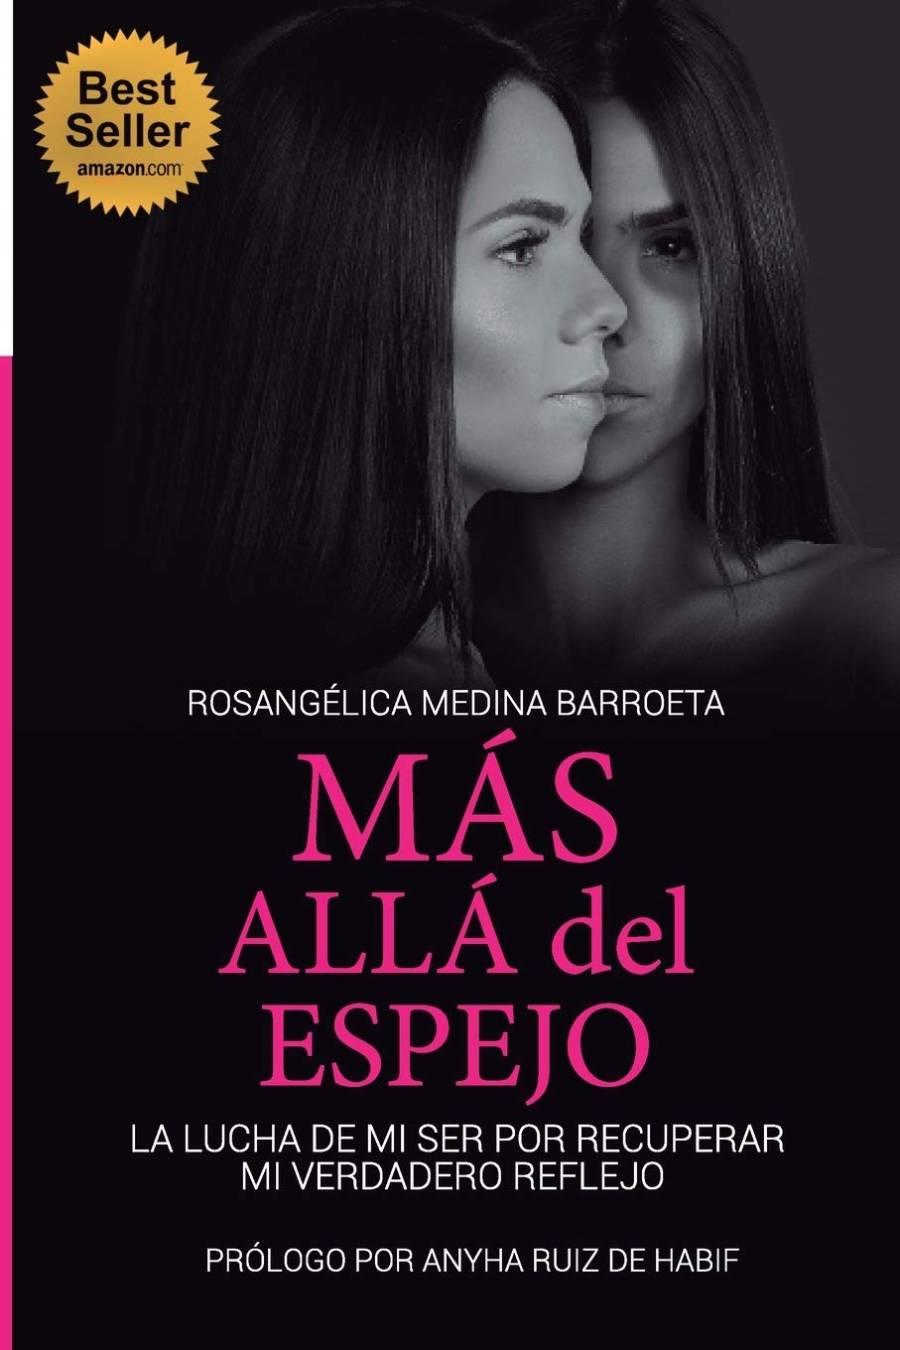 La familia es el mejor espacio para superar la anorexia: Rosangélica Barroeta